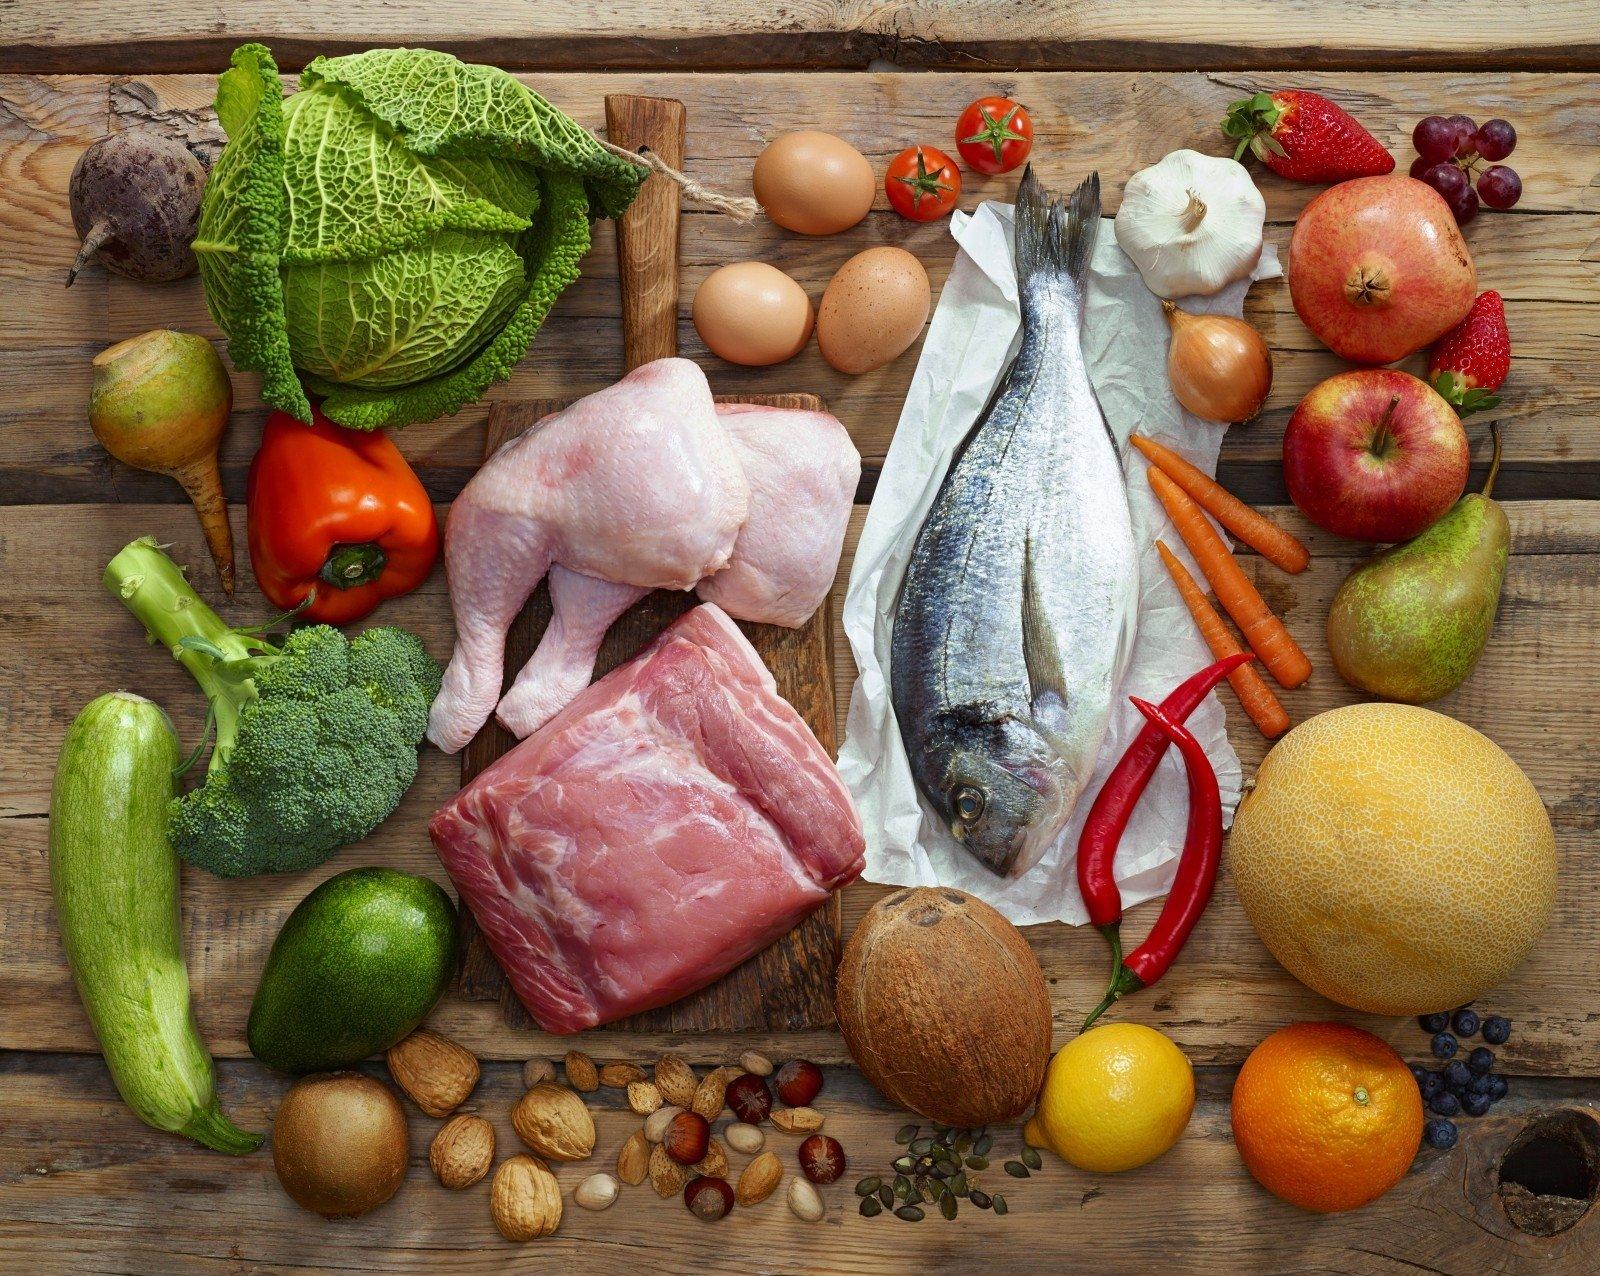 yra paleo dieta, naudinga širdies sveikatai